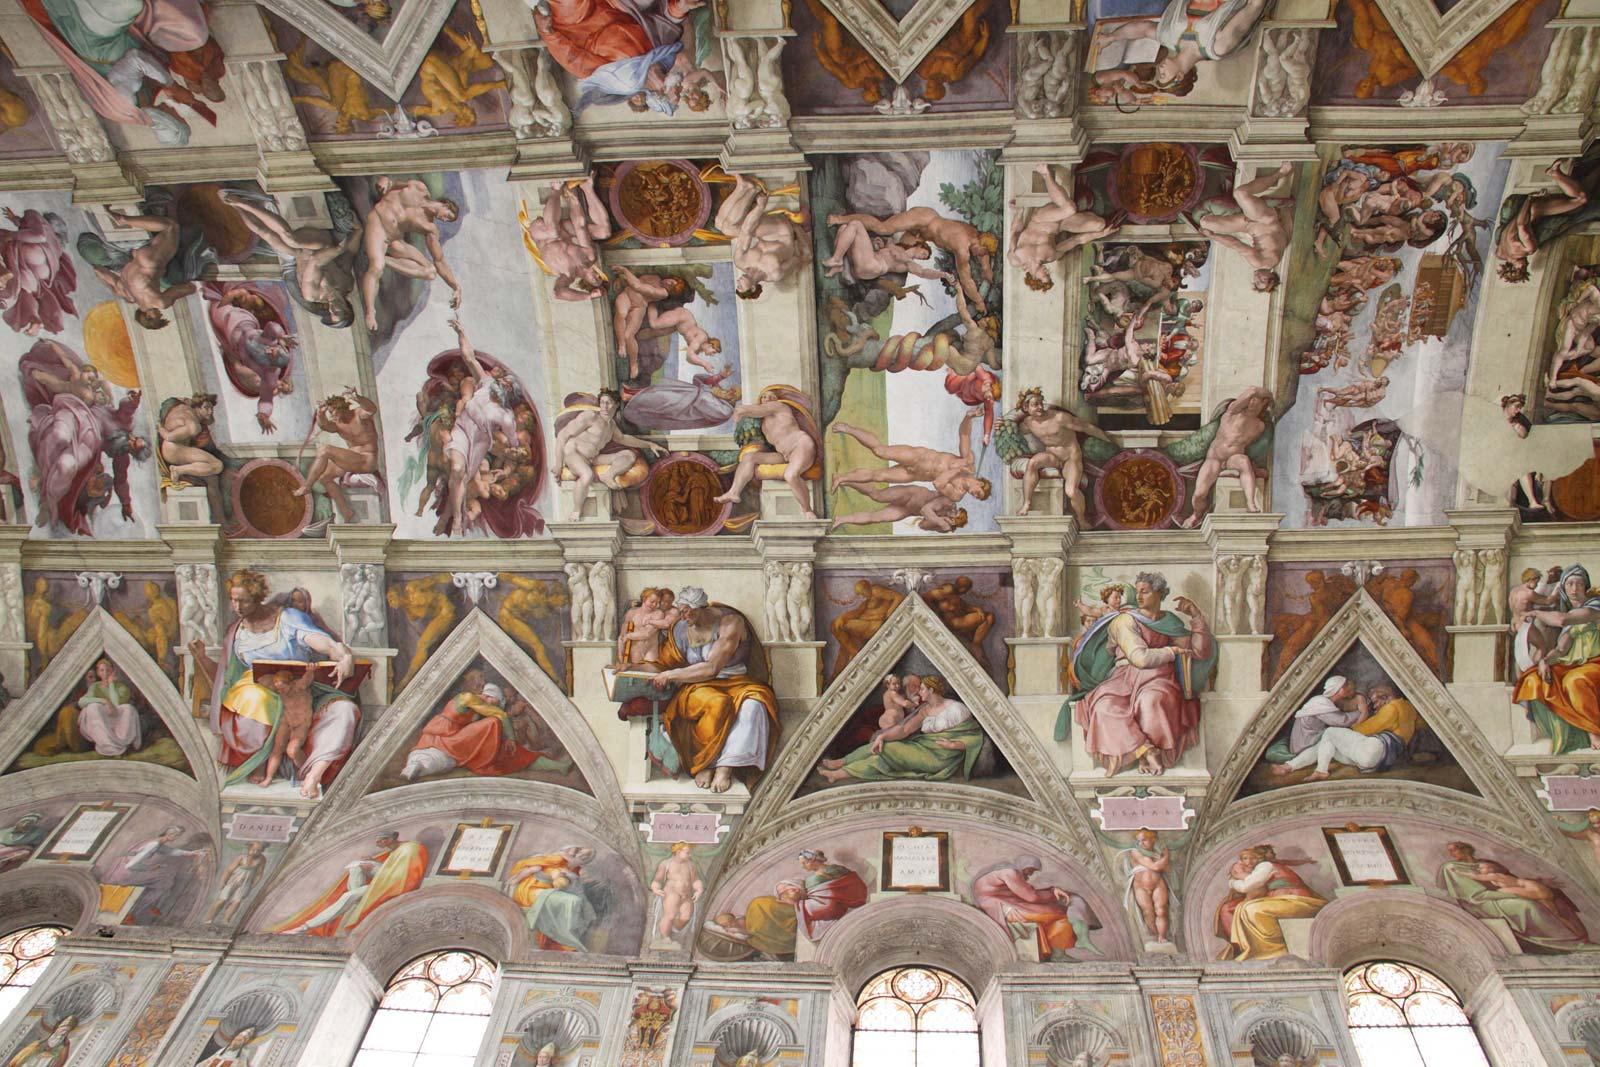 Admirez les fresques incroyables de Michel-Ange au sein de la Chapelle Sixtine – Le Jugement dernier et La Création d'Adam- l'un des plus grands chefs d'œuvres de la Renaissance. Vous pourrez prendre tout le temps que vous le souhaitez pour admirer cette incroyable œuvre d'art.